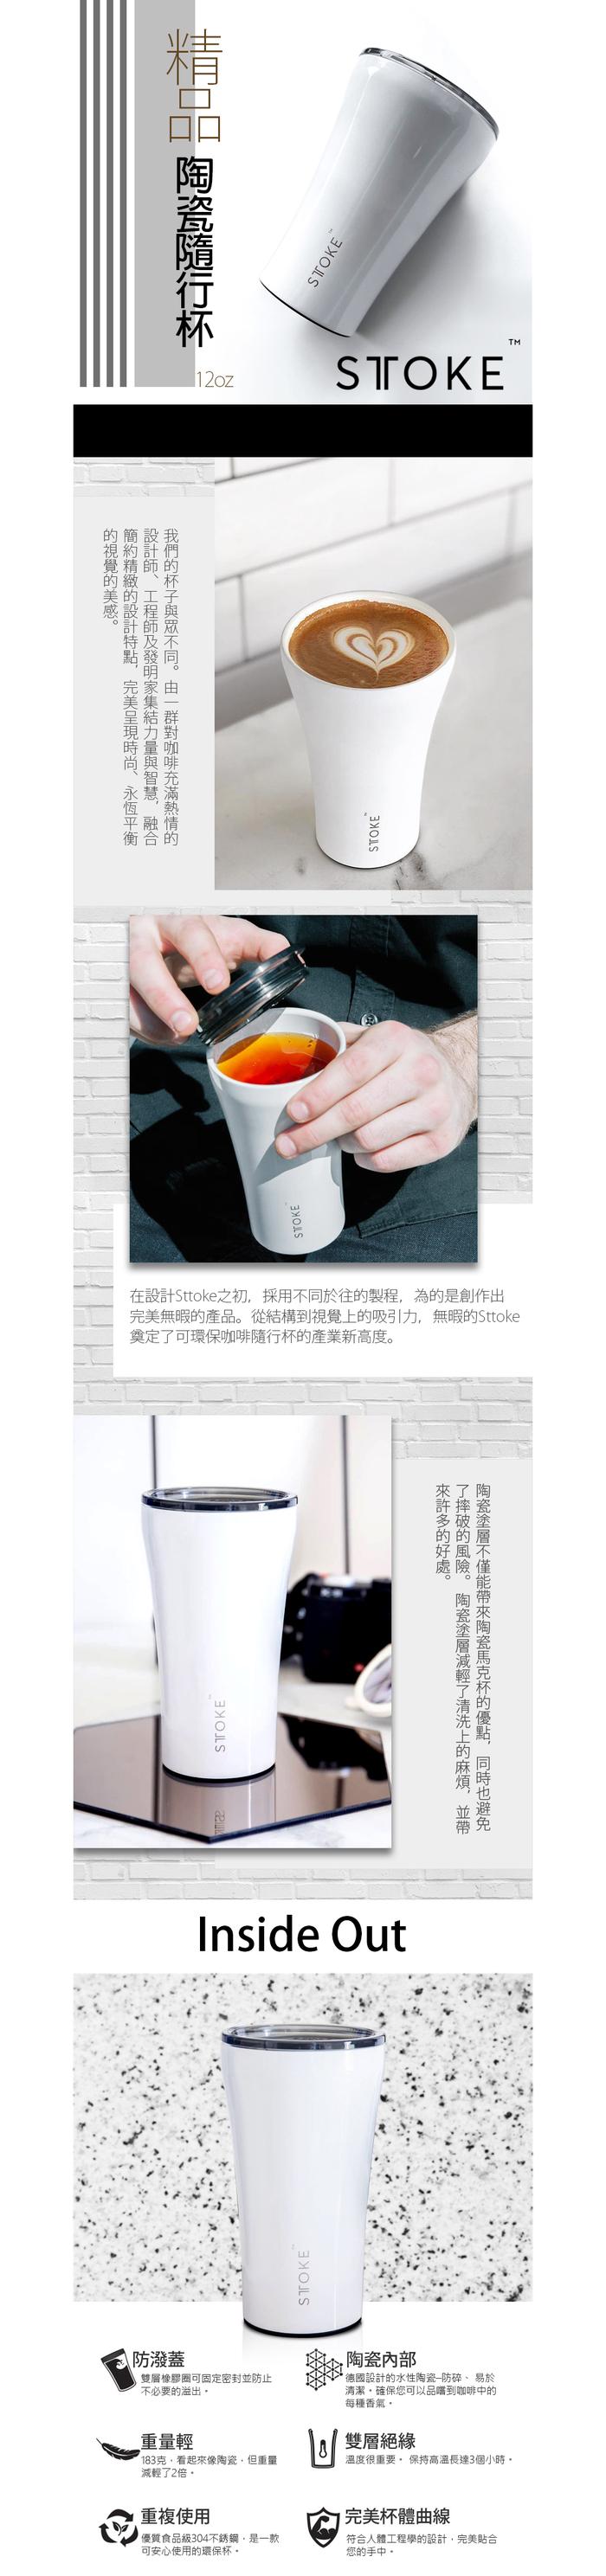 STTOKE|12oz(360ml) 精品陶瓷隨行杯 (天使白)